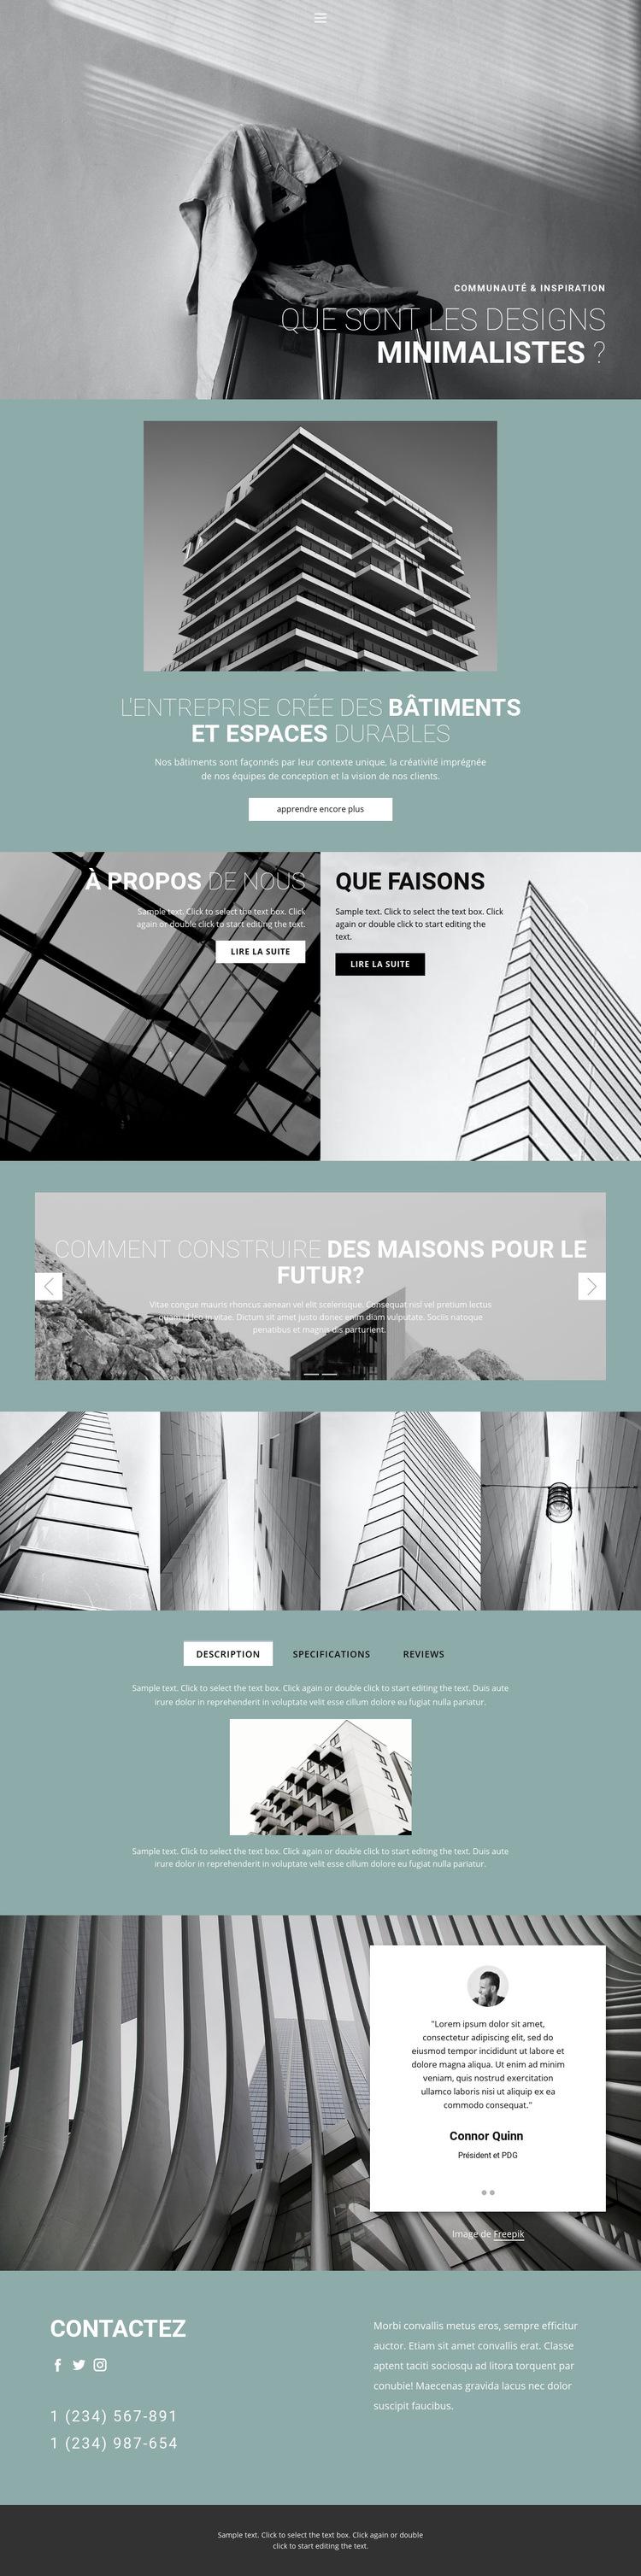 Idées d'architecture parfaites Modèle de site Web